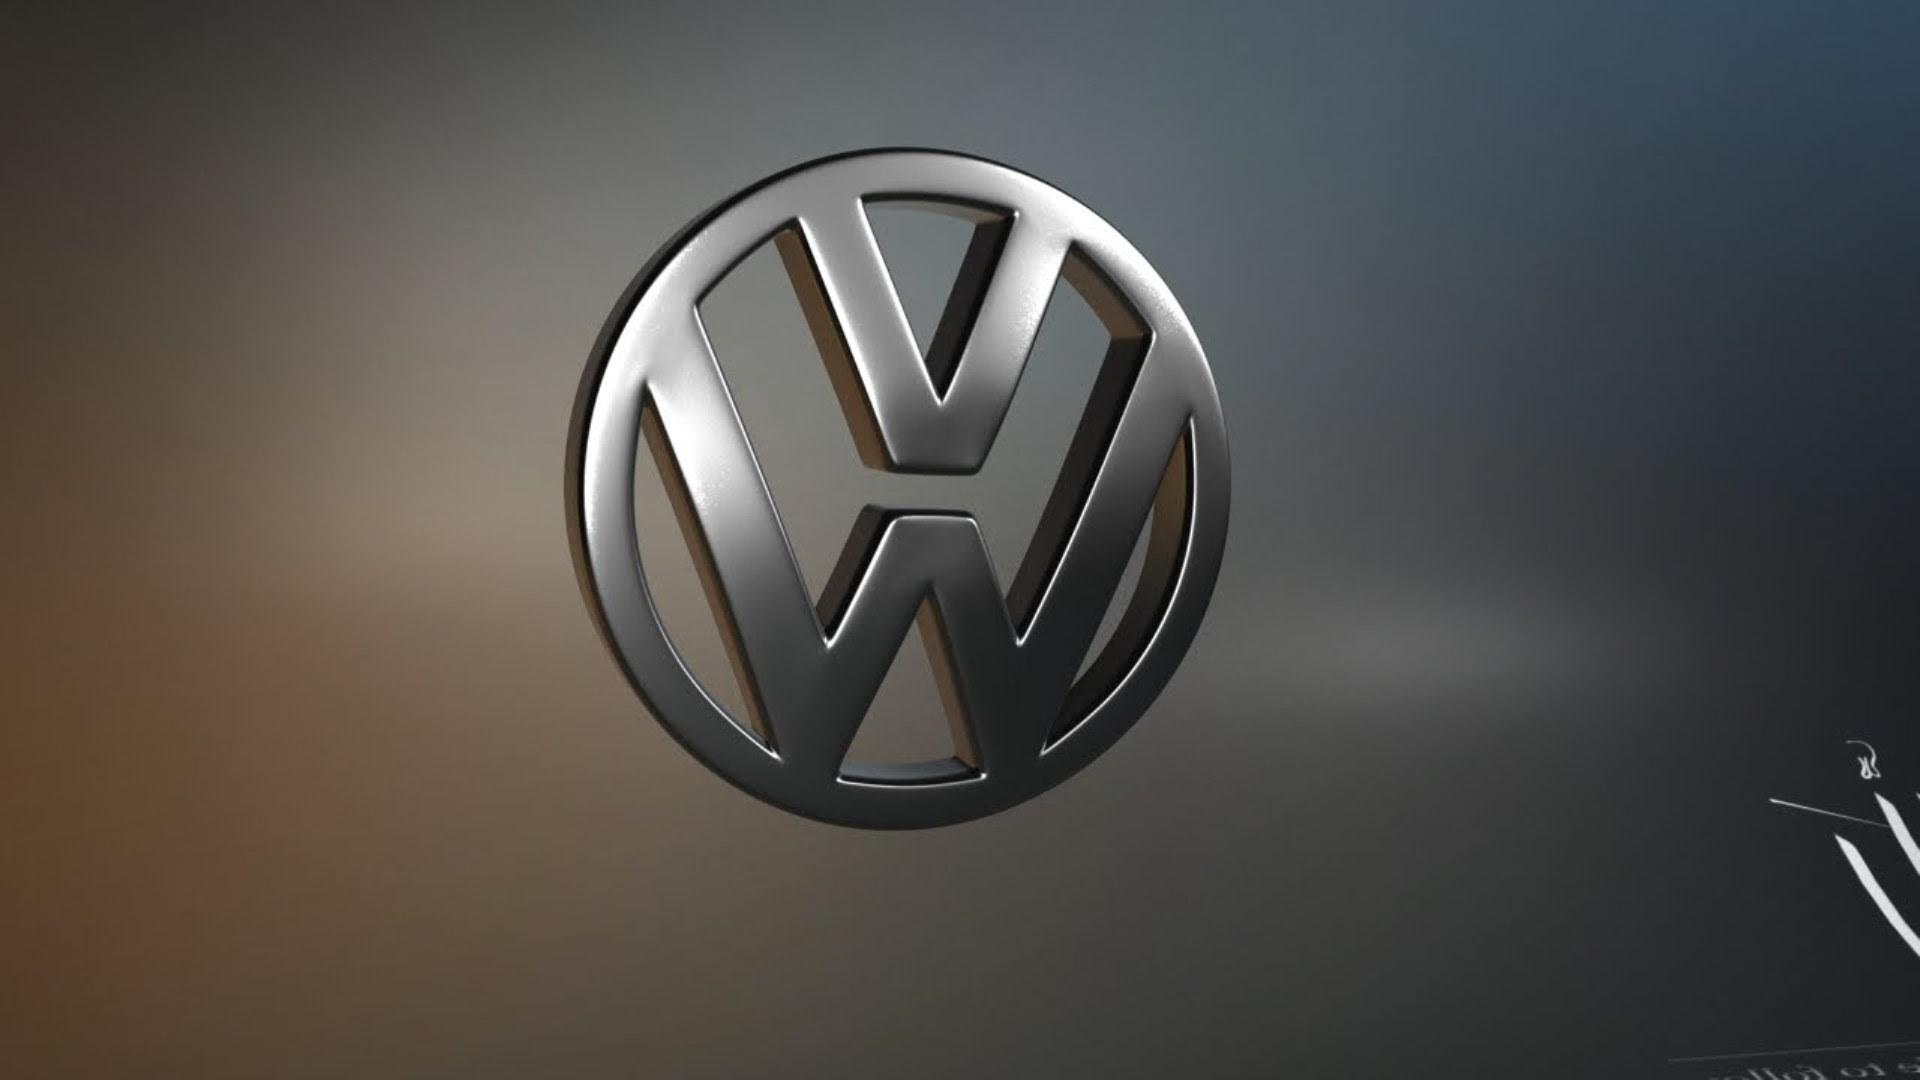 Volkswagen Logo Wallpaper (58+ images)